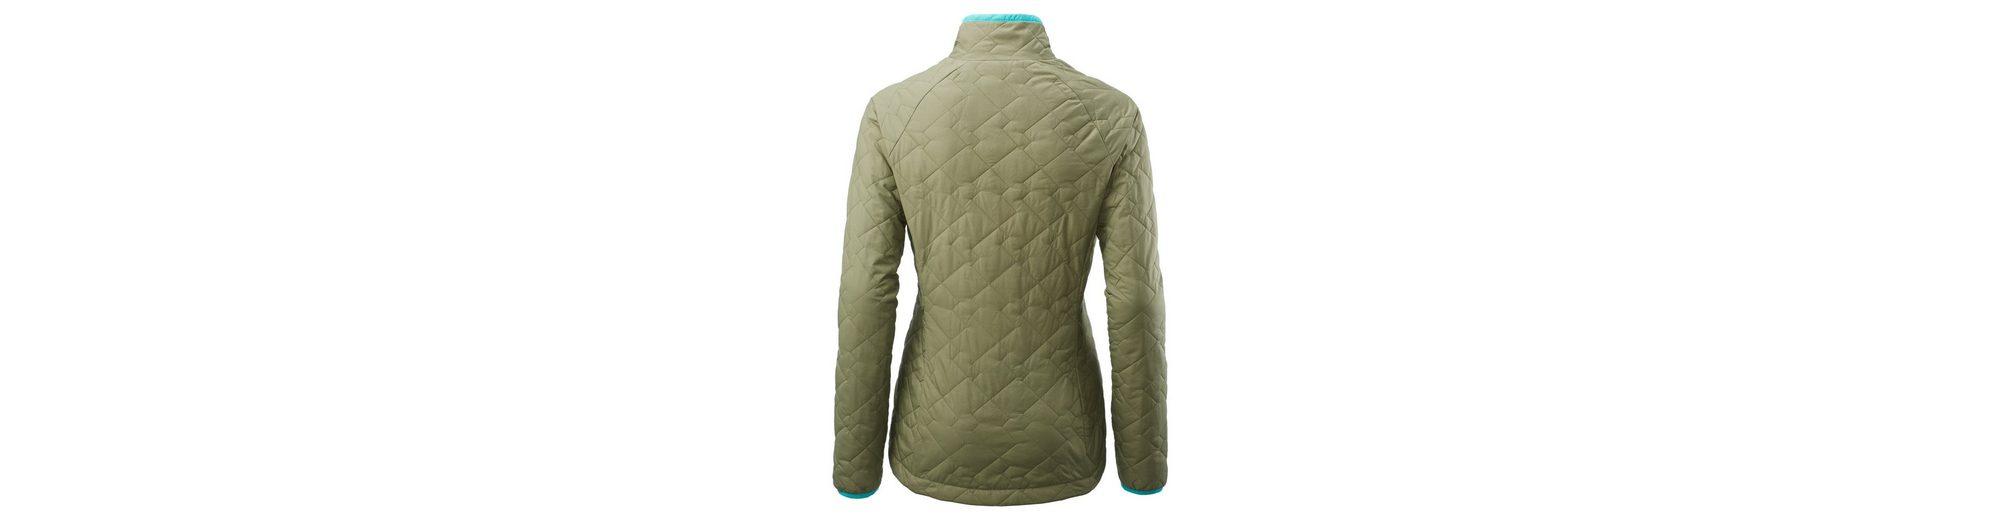 Echt Günstiger Preis Kathmandu Wasserabweisende Jacke Venturer Verkaufsangebote Zuverlässige Online Großhandelspreis Zu Verkaufen Billig Verkauf Niedrig Versandkosten D5dAKtbz